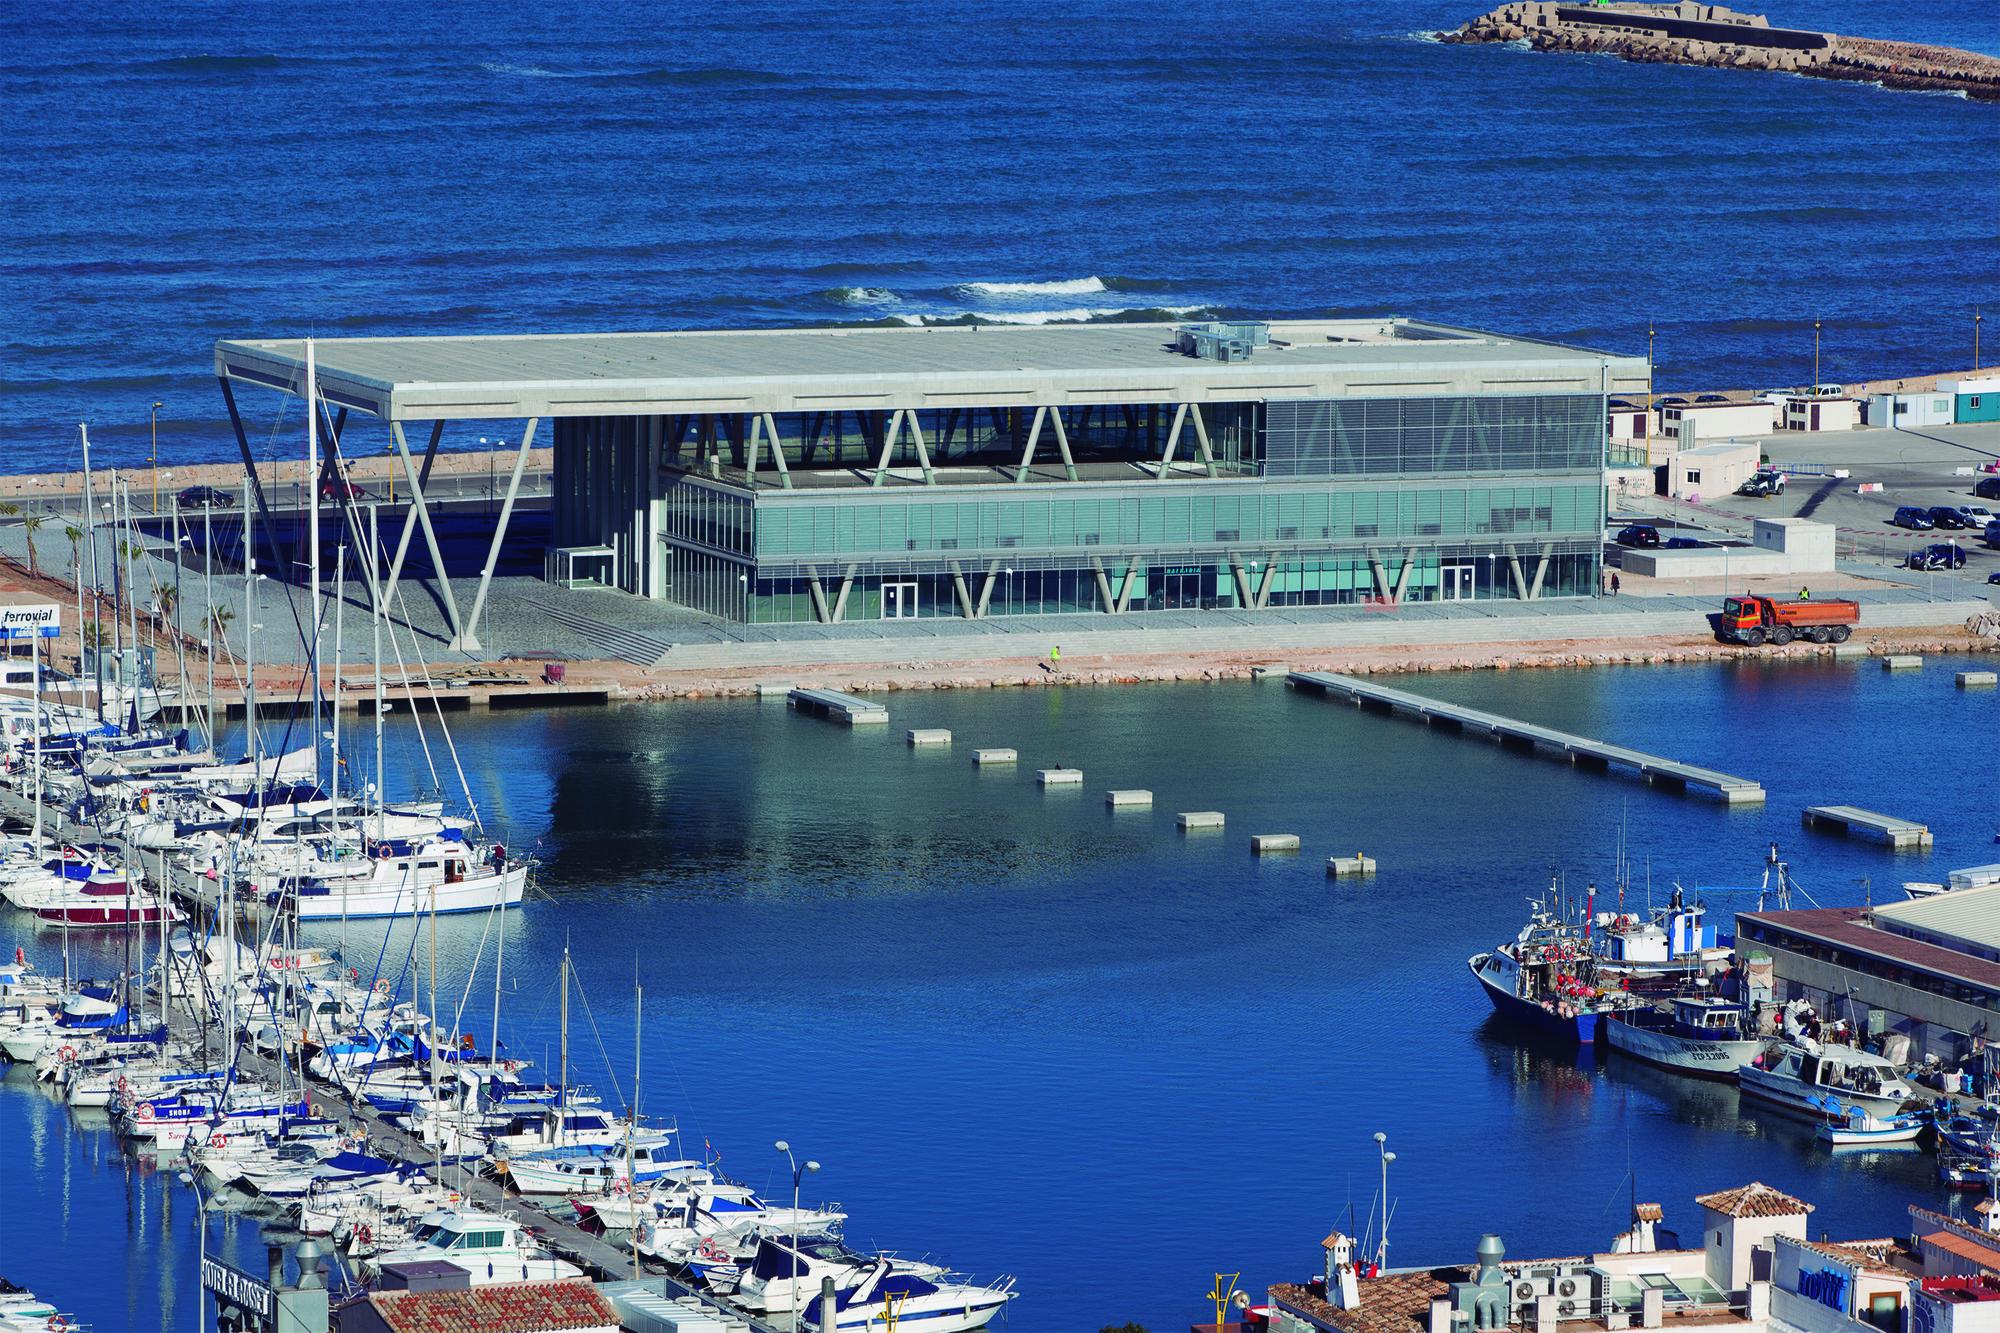 Nueva Terminal de Pasajeros del Puerto de Denia / Alberich Casqueiro + Proes Consultores SA